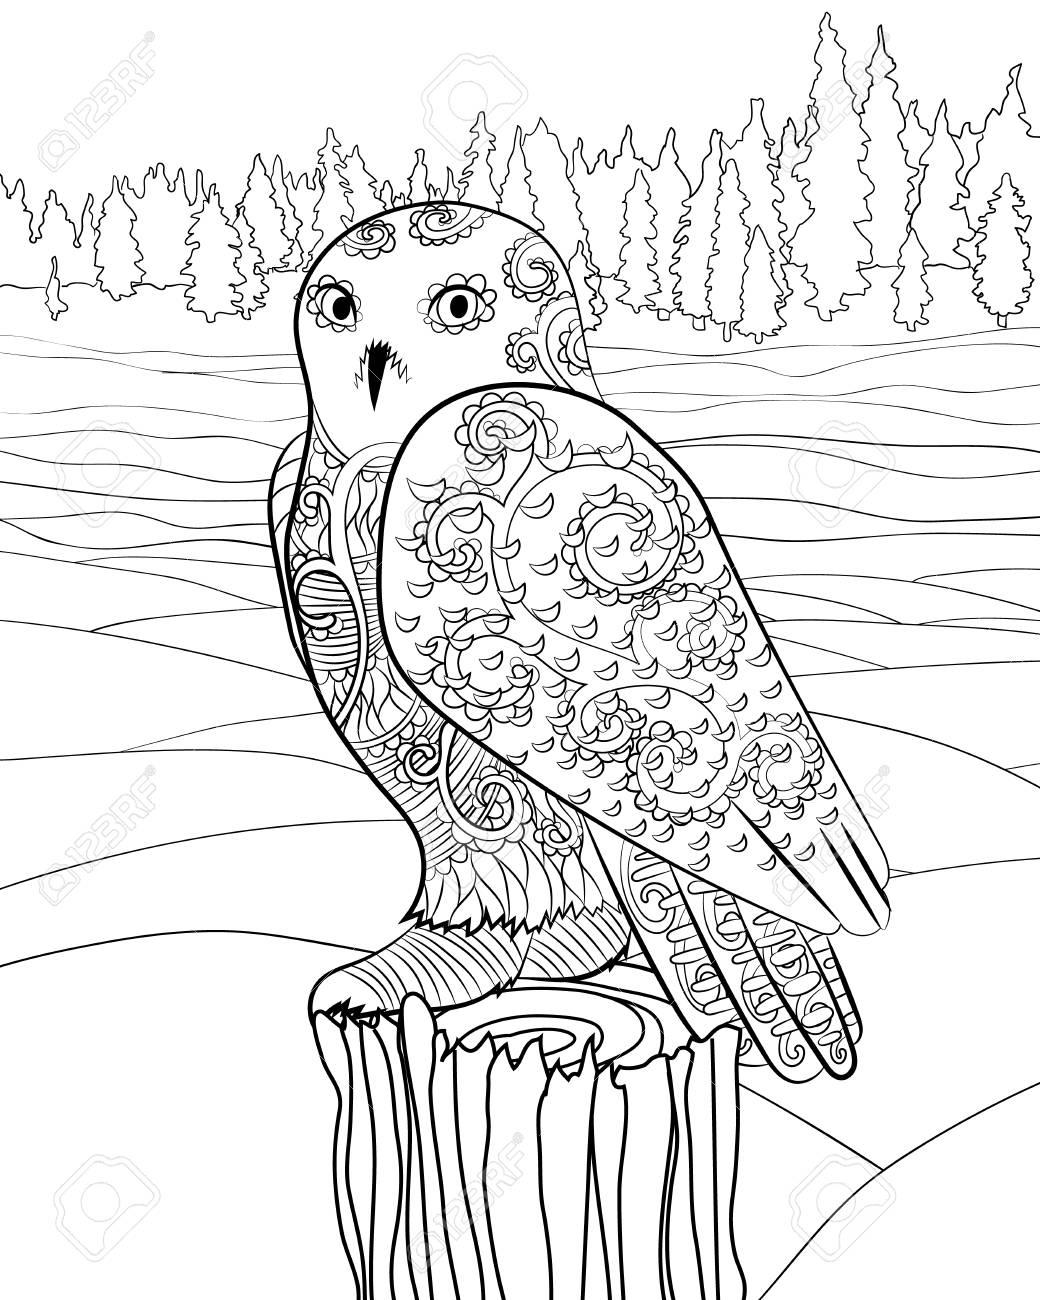 Alta Ilustración Detallada De Un Búho Nival. Página Para Colorear ...